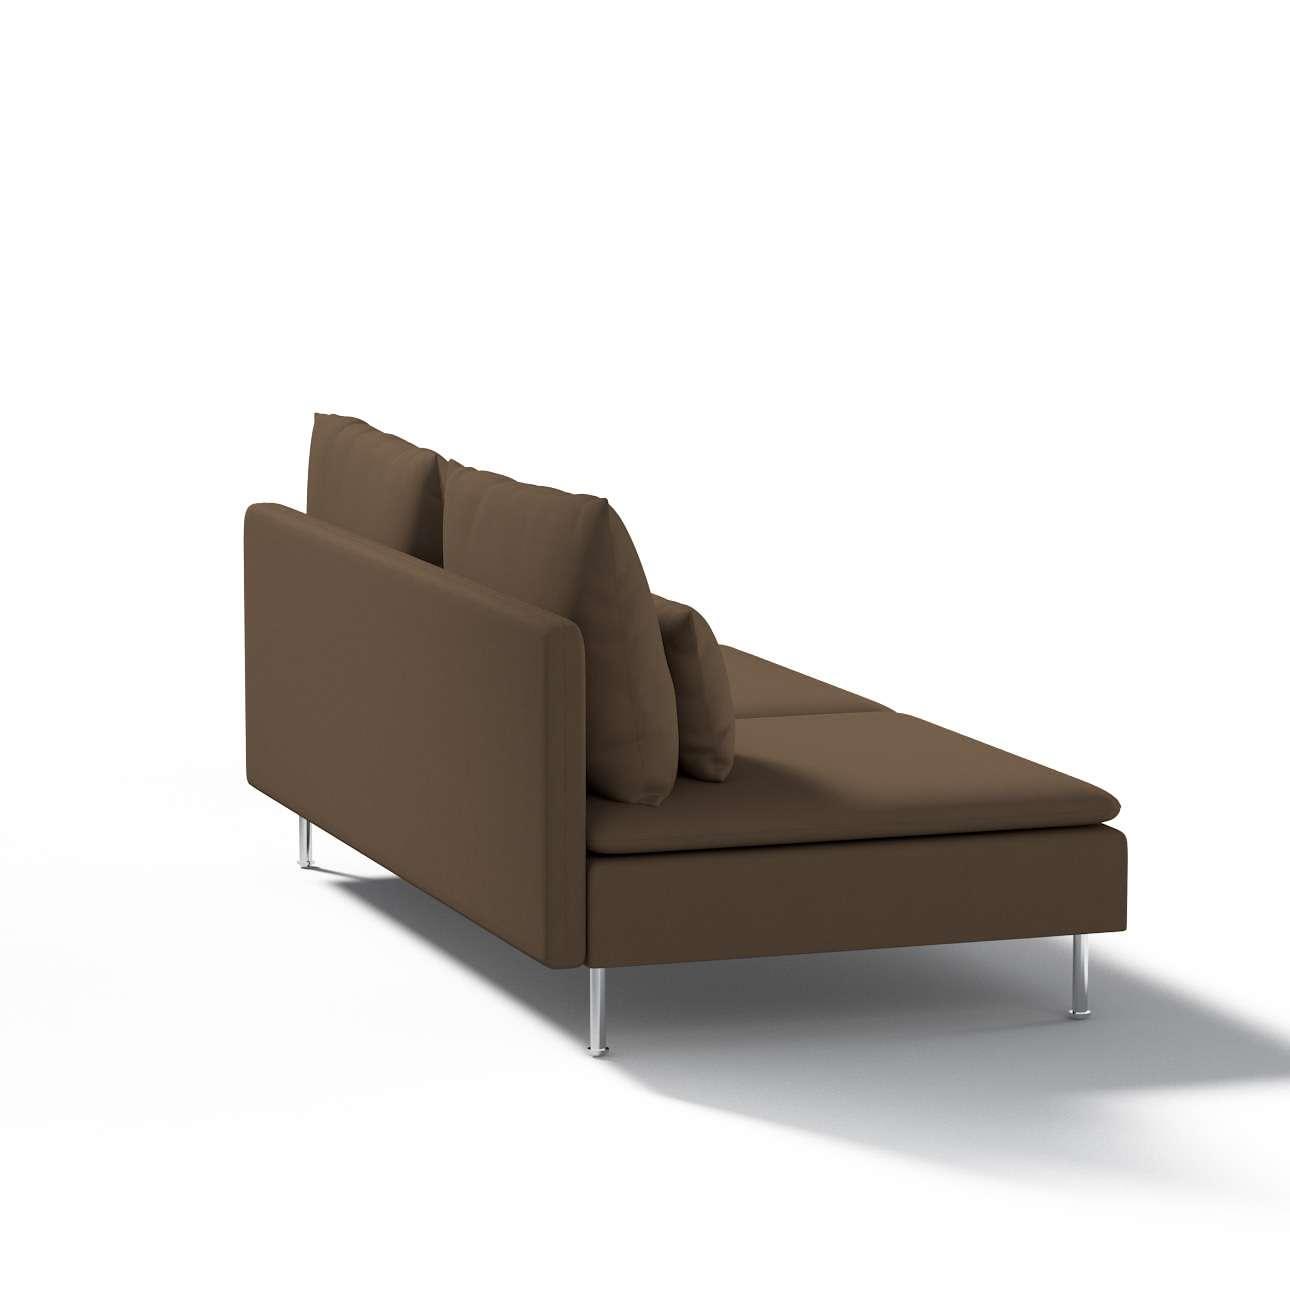 Ikea Söderhamn trivietei sofai užvalkalas Ikea Söderhamn moduliniai trivietei sofai užvalkalas kolekcijoje Cotton Panama, audinys: 702-02